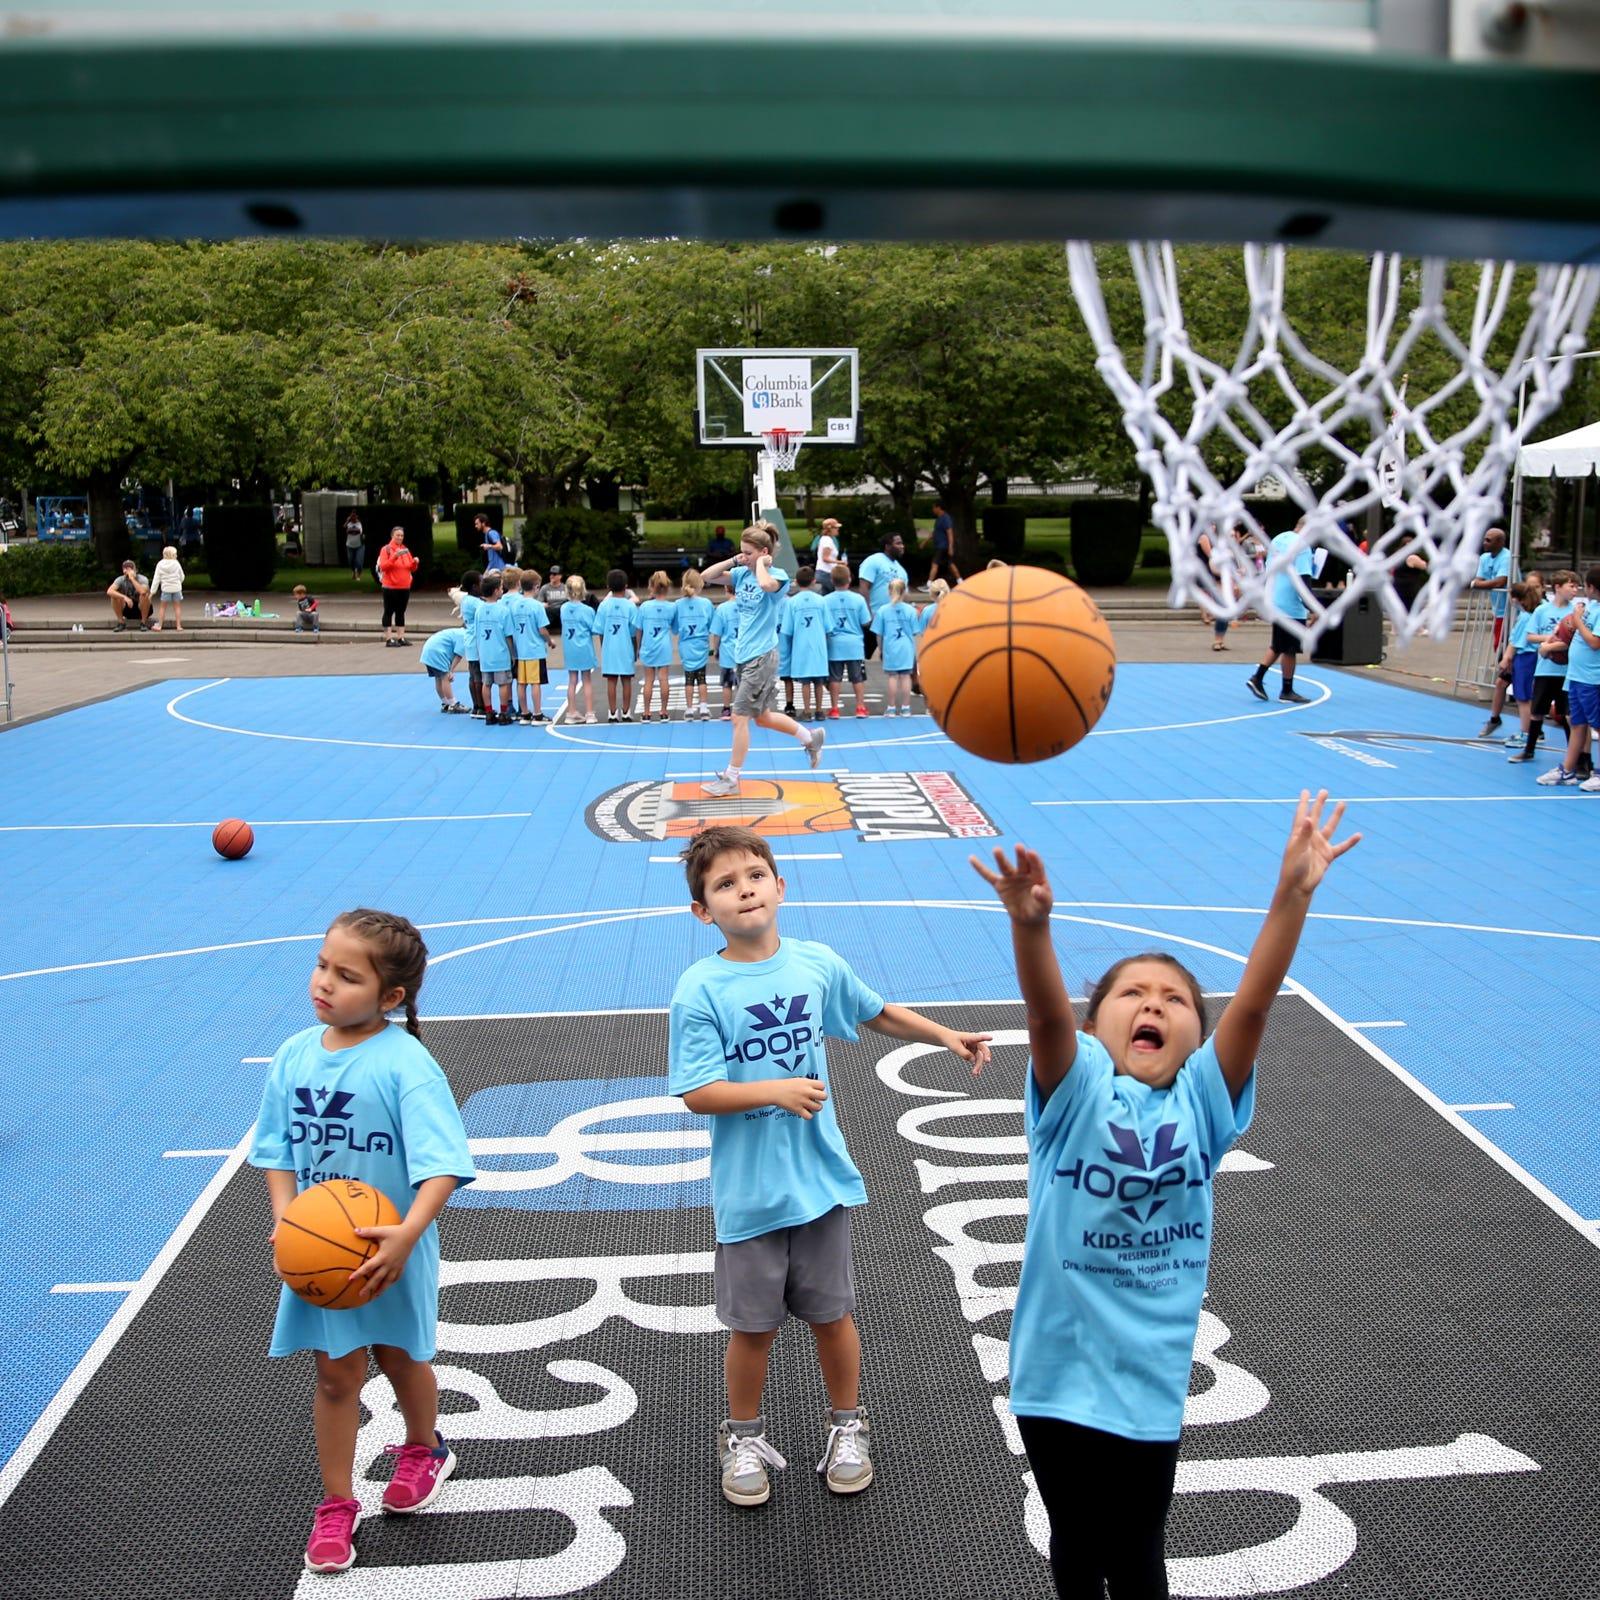 PHOTOS: Hoopla Kid's Clinic 2018